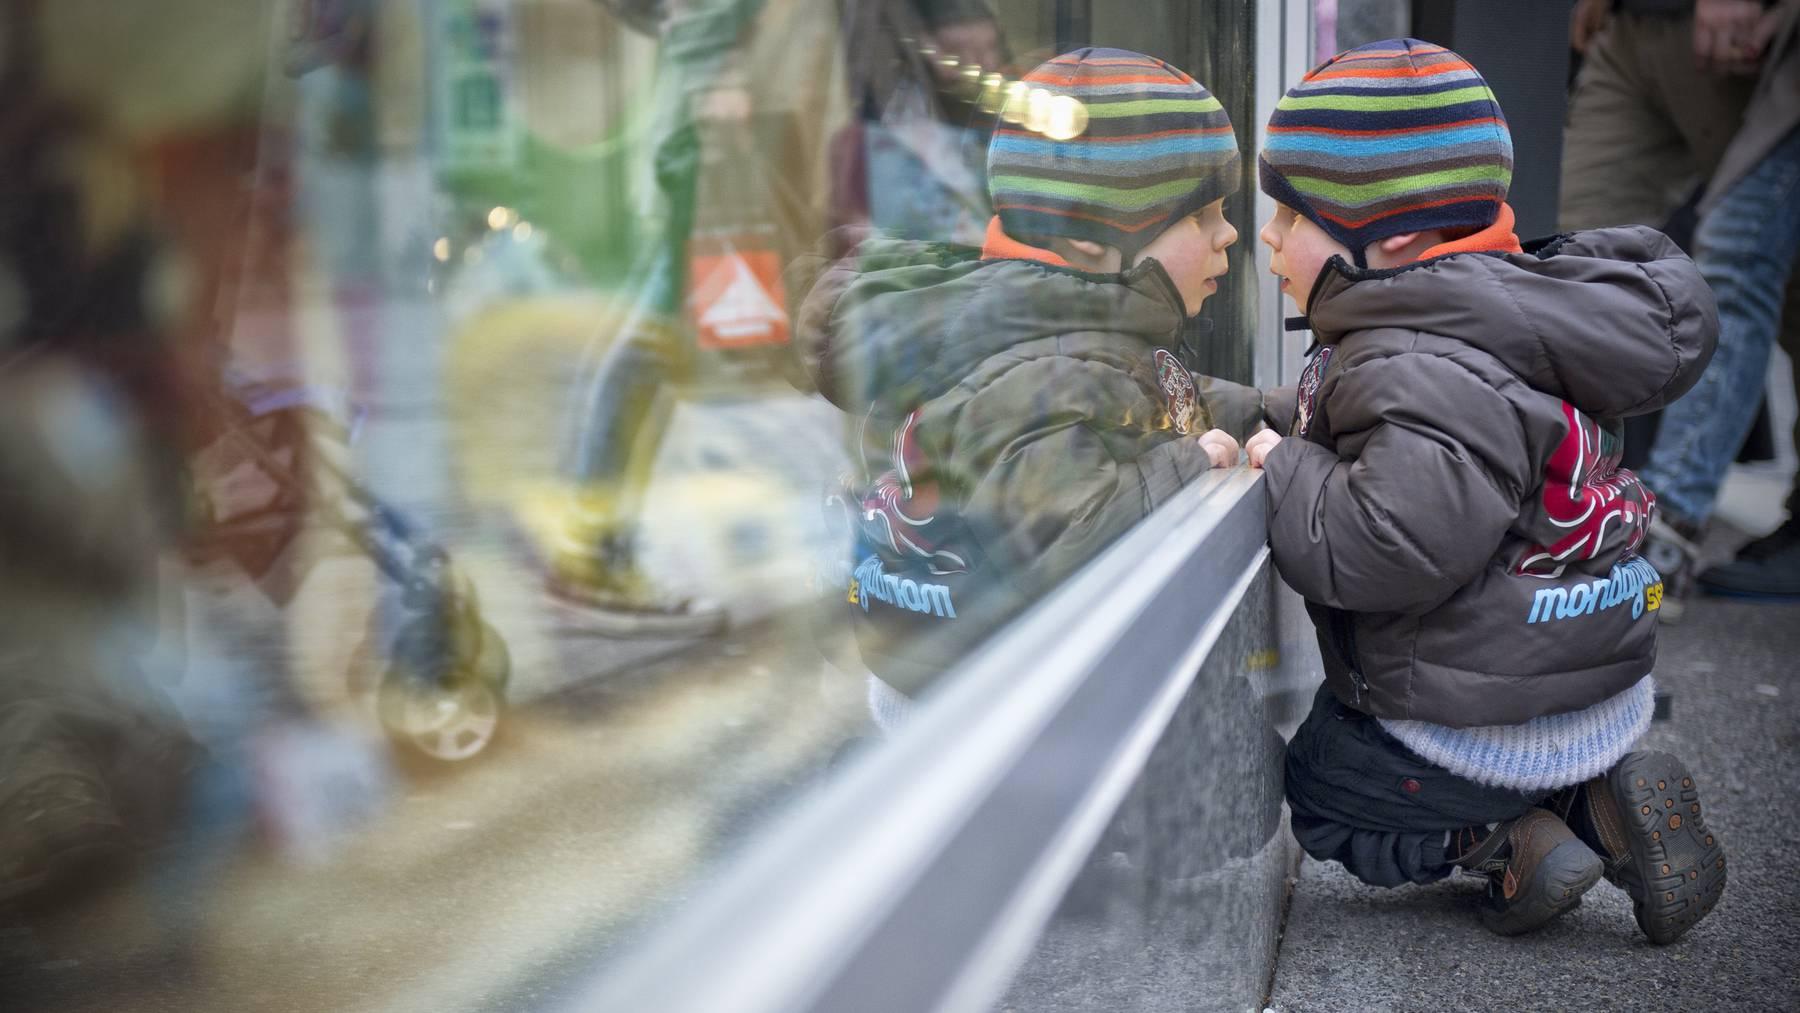 Wer am 1. November in St.Gallen einkaufen will, kommt nicht weiter als vor's Schaufenster. (Archiv)